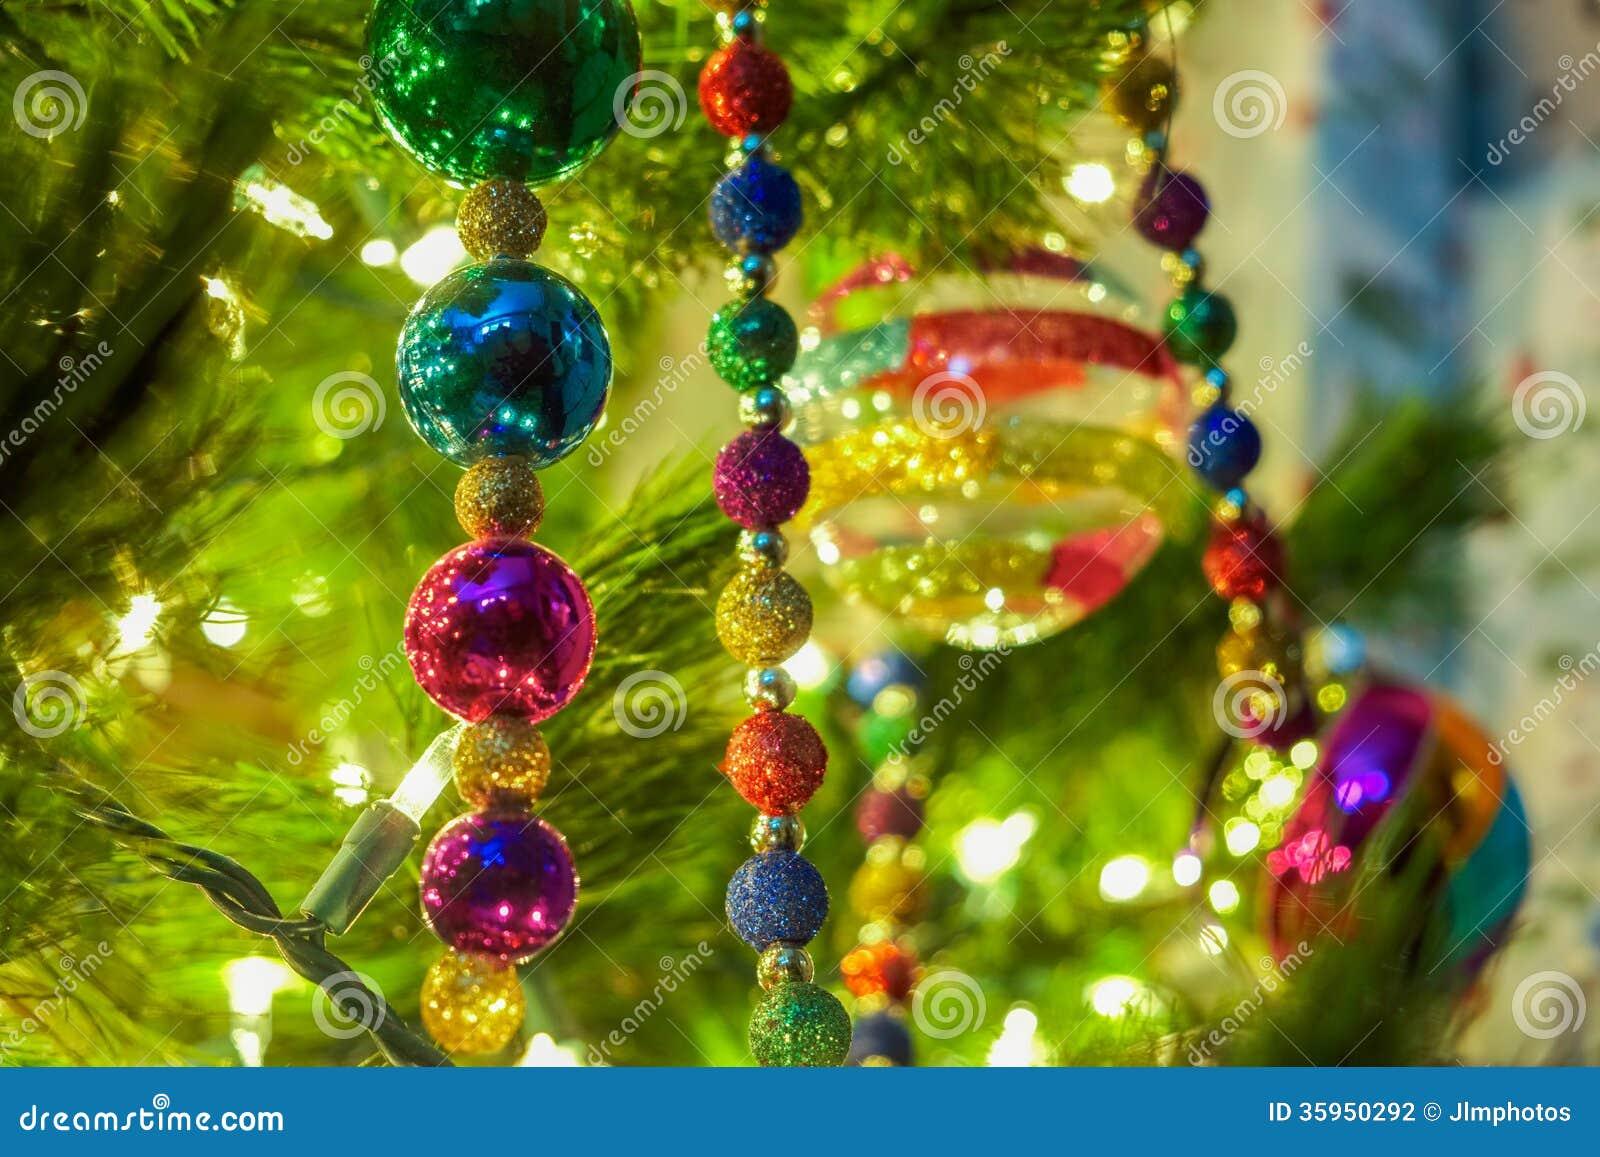 Ornamentos de la Navidad en un árbol